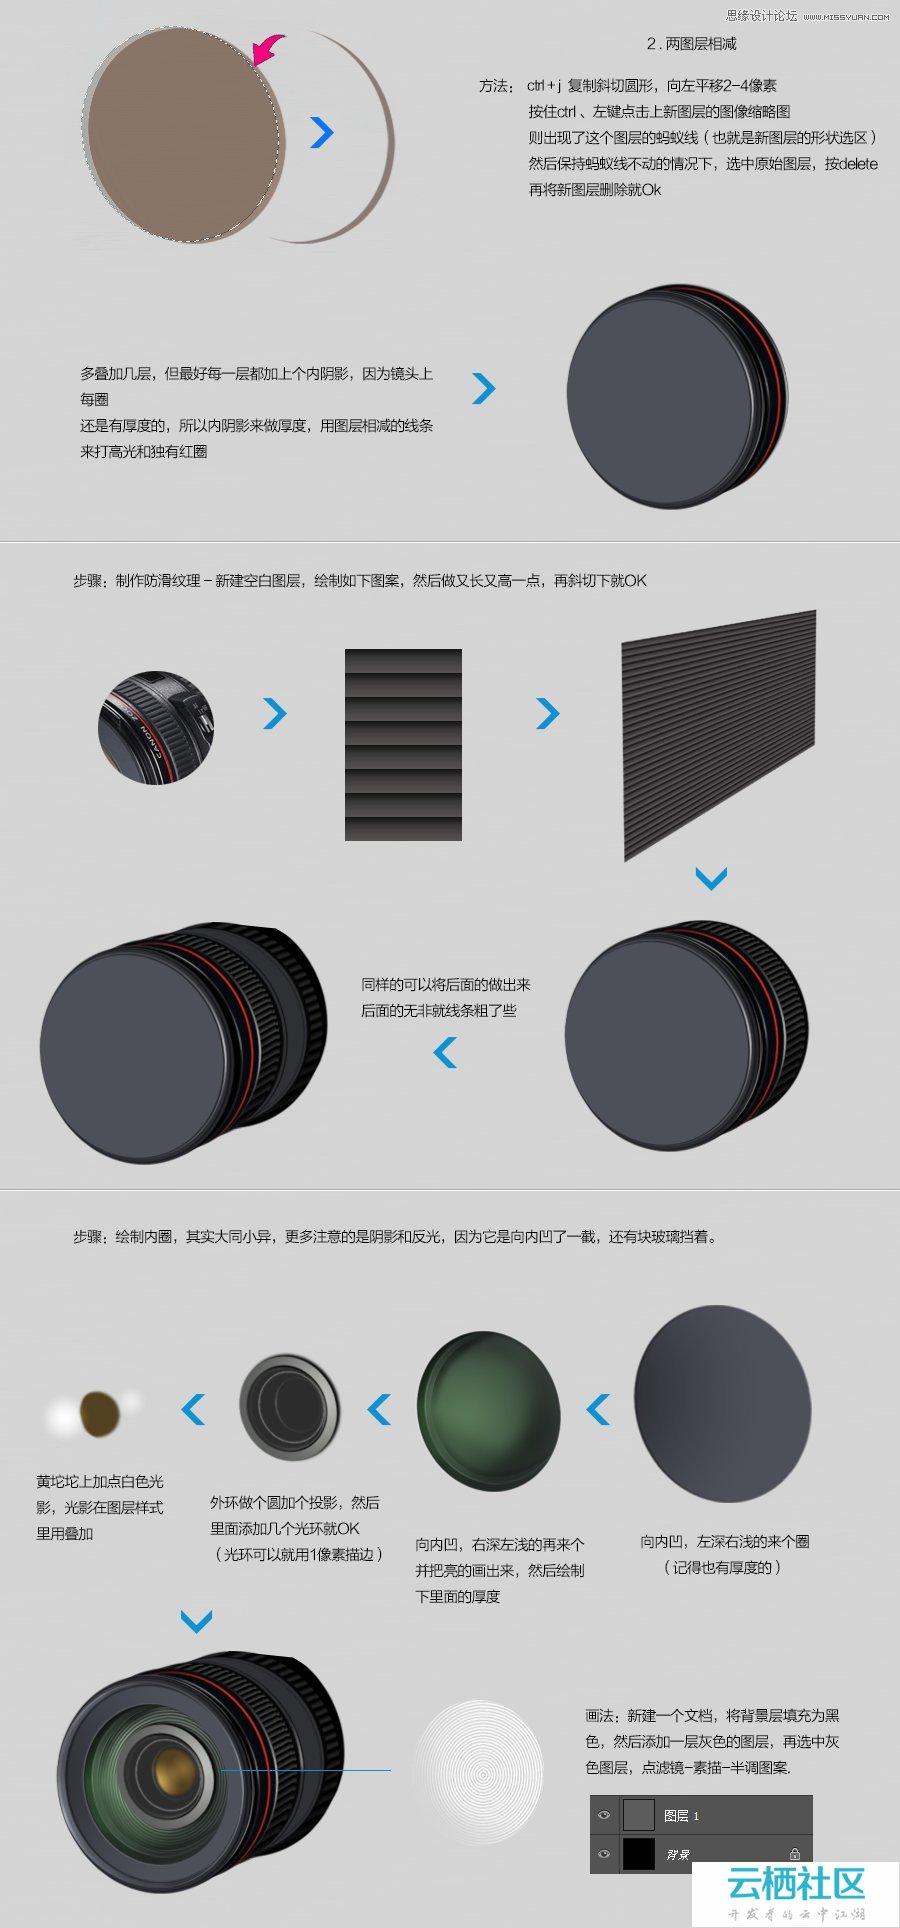 Photoshop绘制逼真的佳能6D单反相机教程-photoshop制作逼真